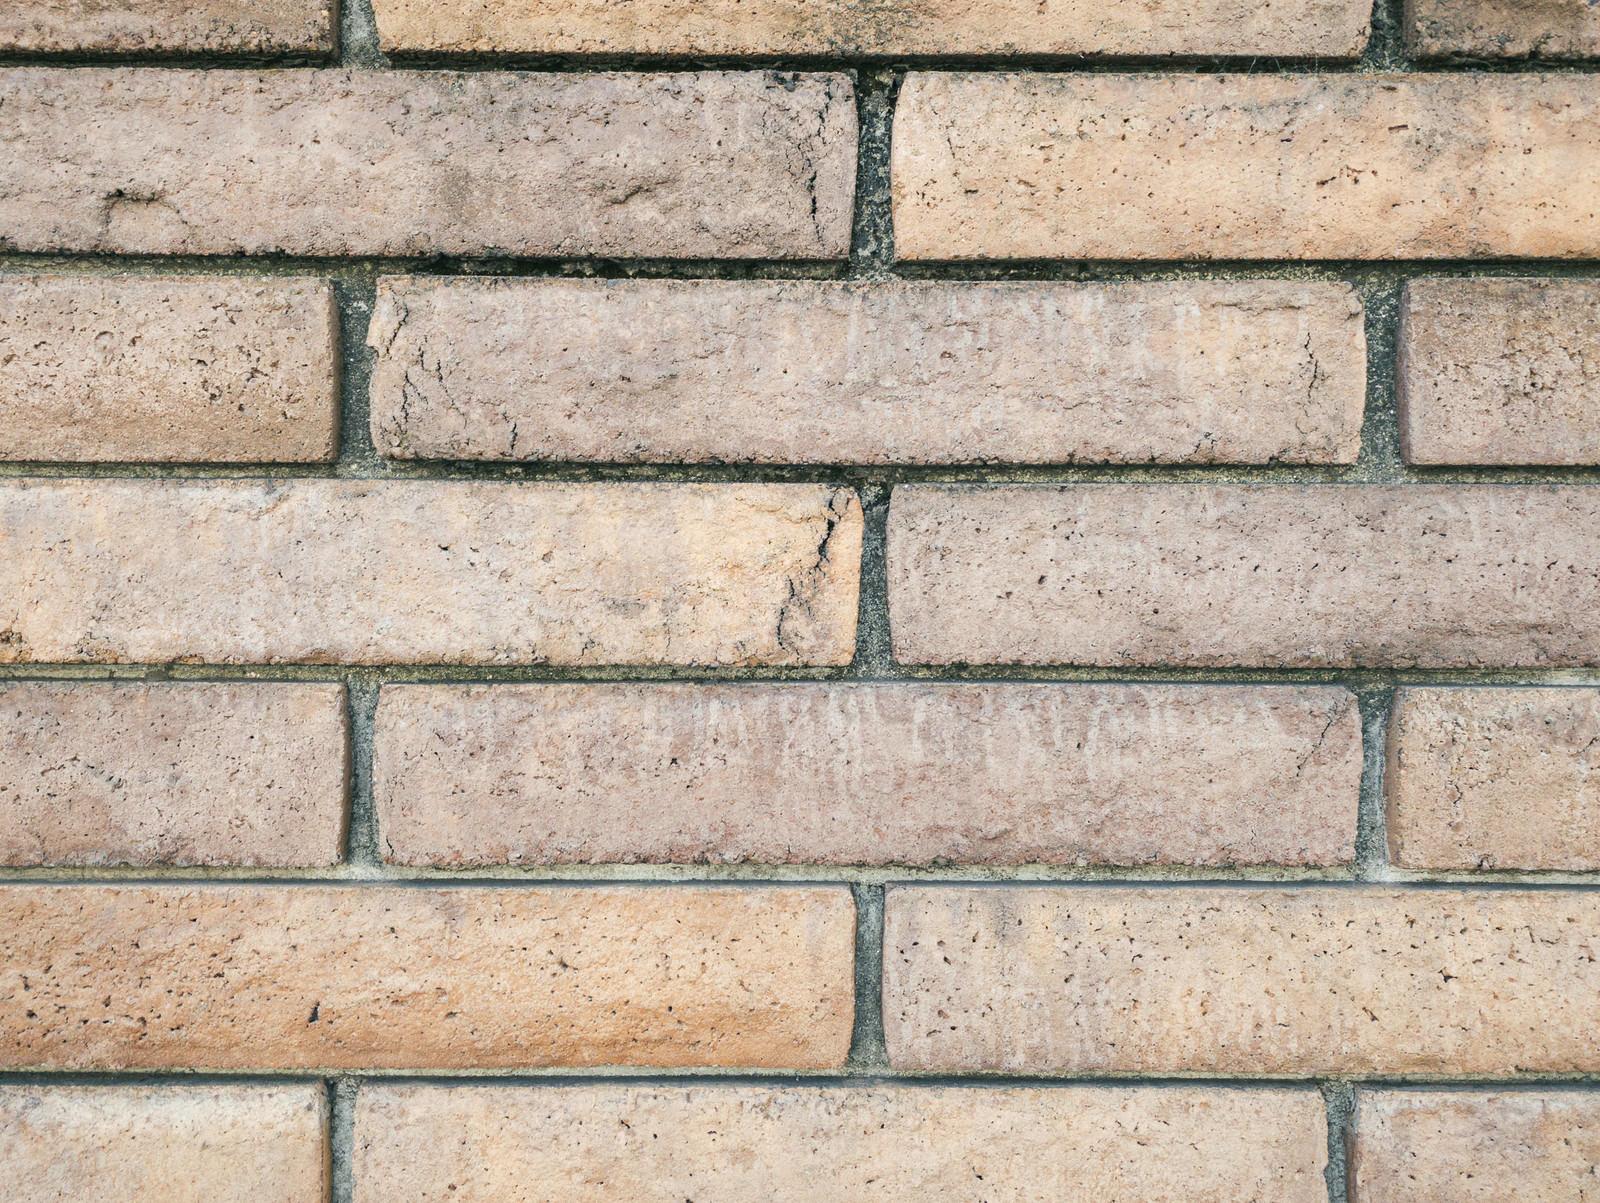 「どっしり質感のあるレンガ壁(テクスチャ)」の写真